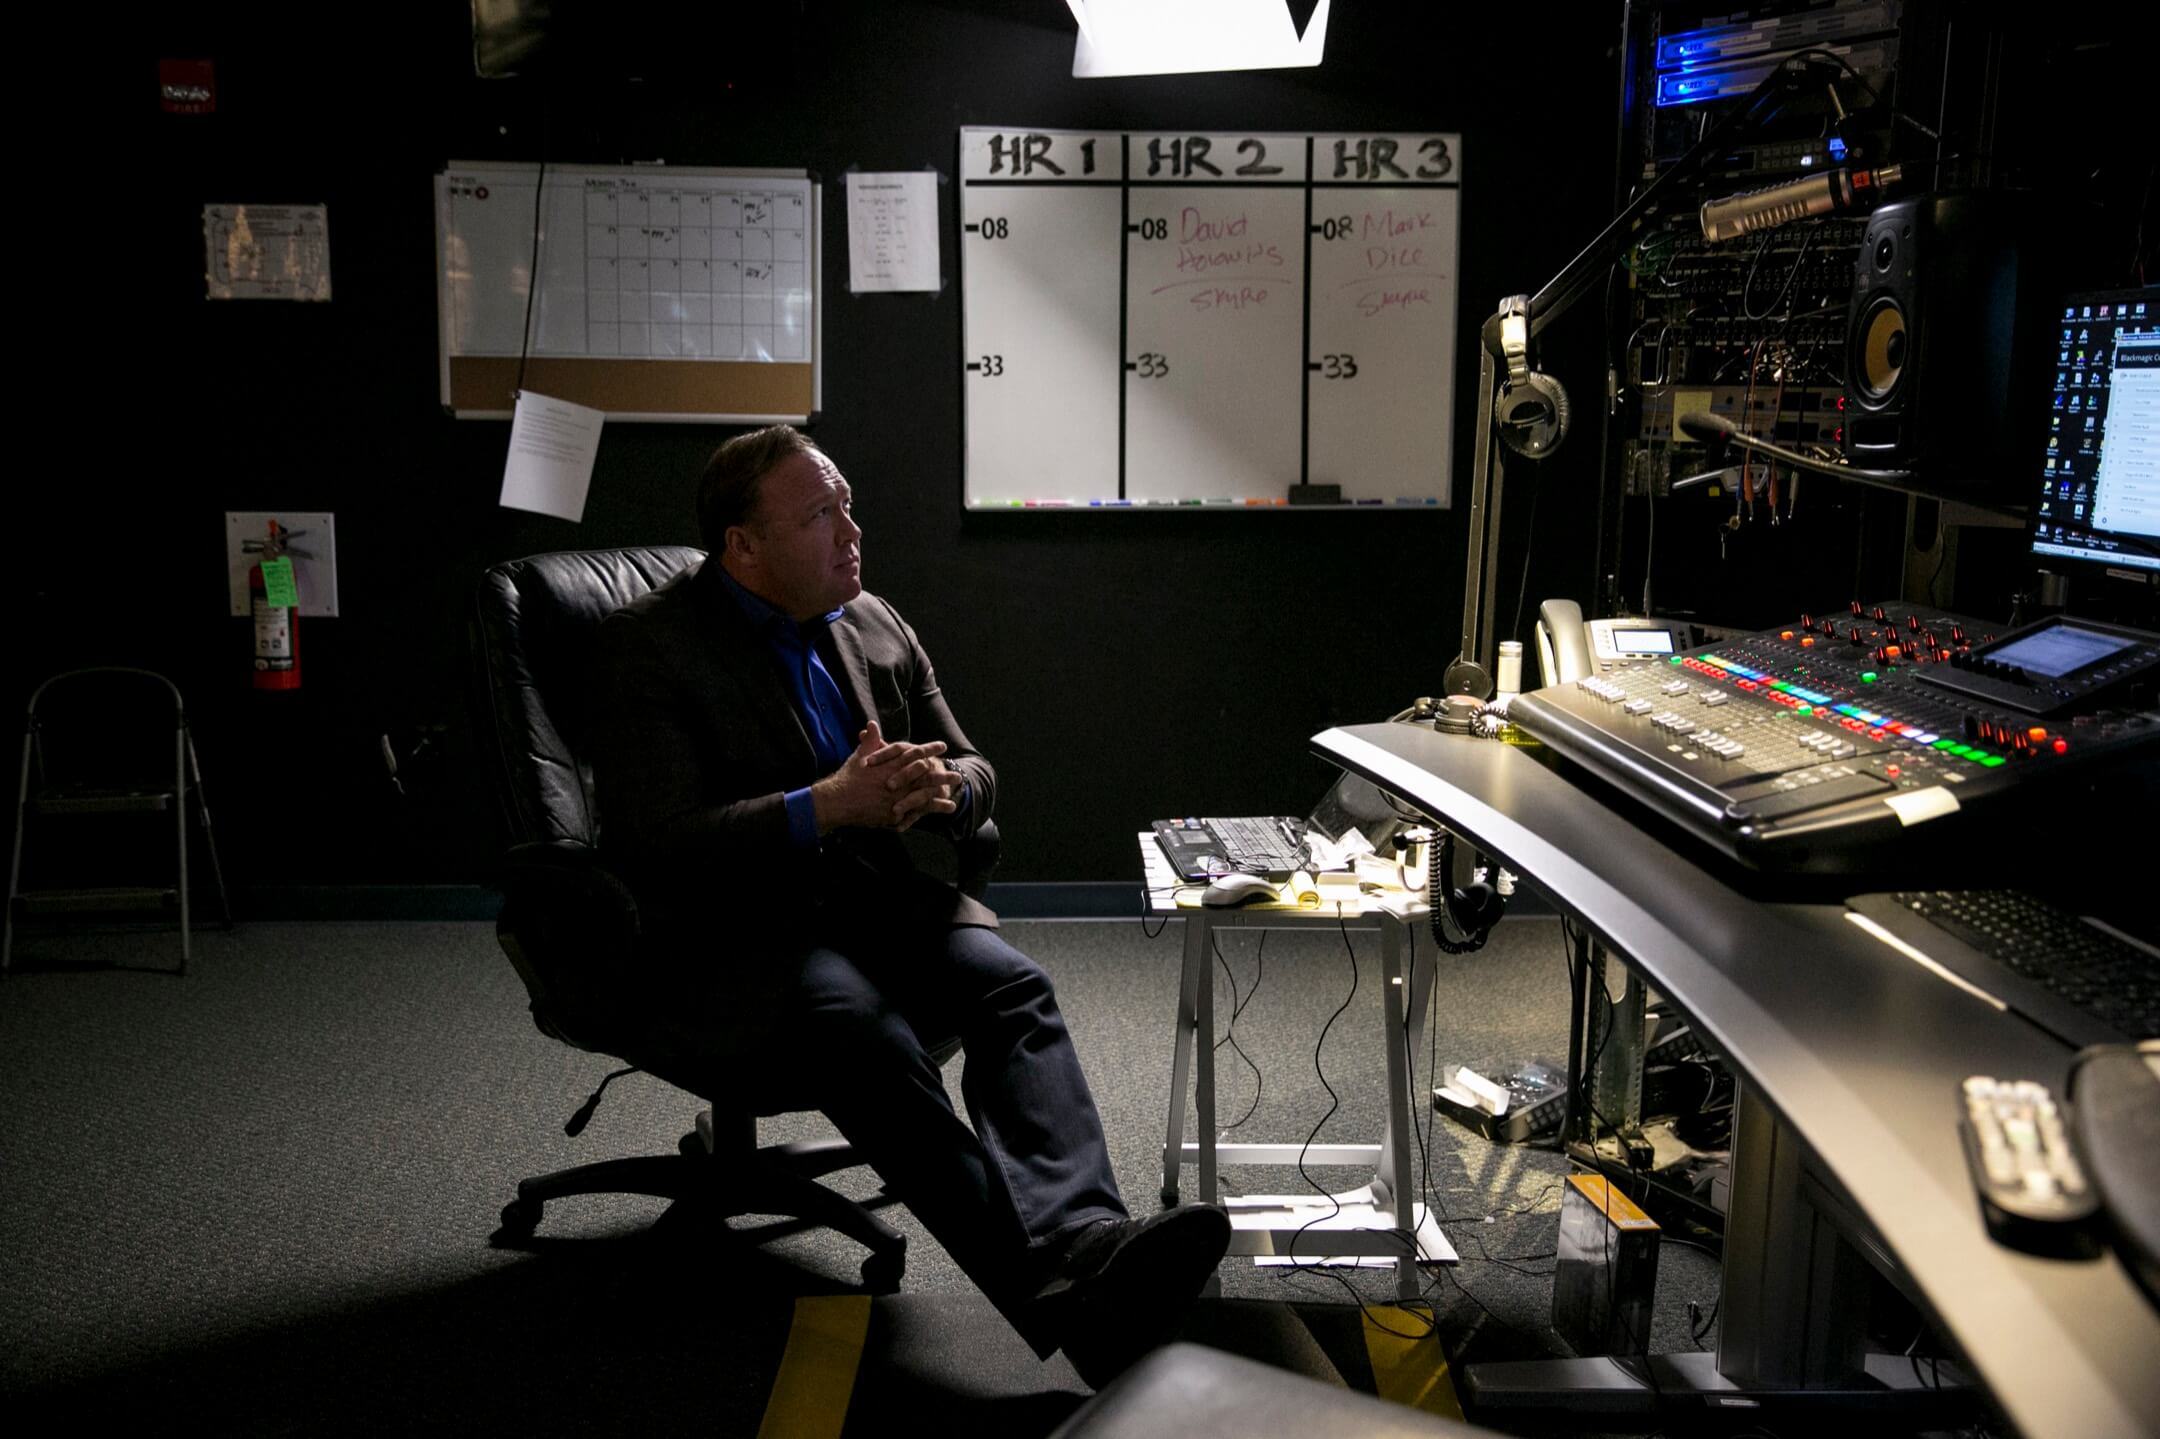 亞歷克斯·瓊斯在陰謀論界已經活躍了超過20年,他所製造和傳播的陰謀論影響力極大,其中不少也漂洋過海傳到了中國的知乎和微信上。在2016年大選中,瓊斯更從互聯網上的陰暗角落登堂入室進入了主流。圖為瓊斯的錄音室。 攝:Ilana Panich-Linsman/The New York Times via Imagine China